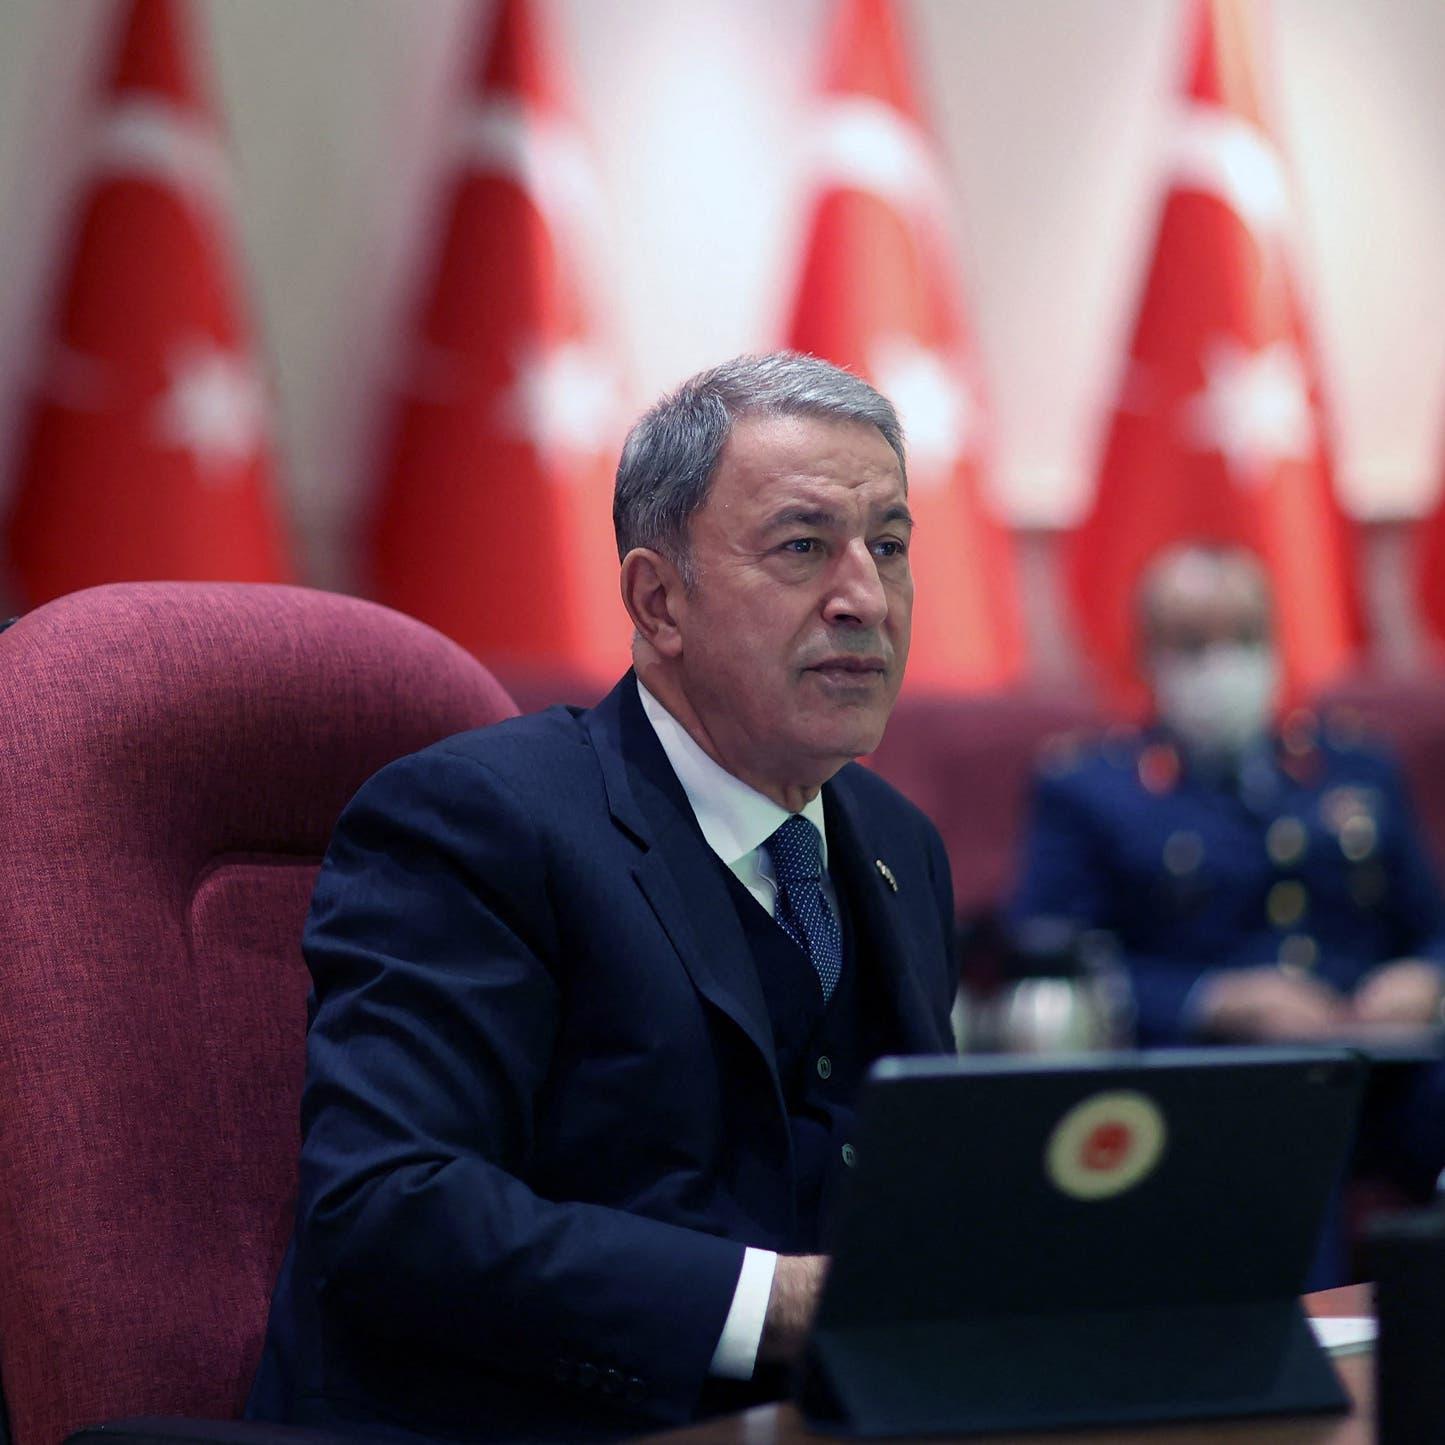 تركيا: نسعى لعلاقات جيدة مع مصر